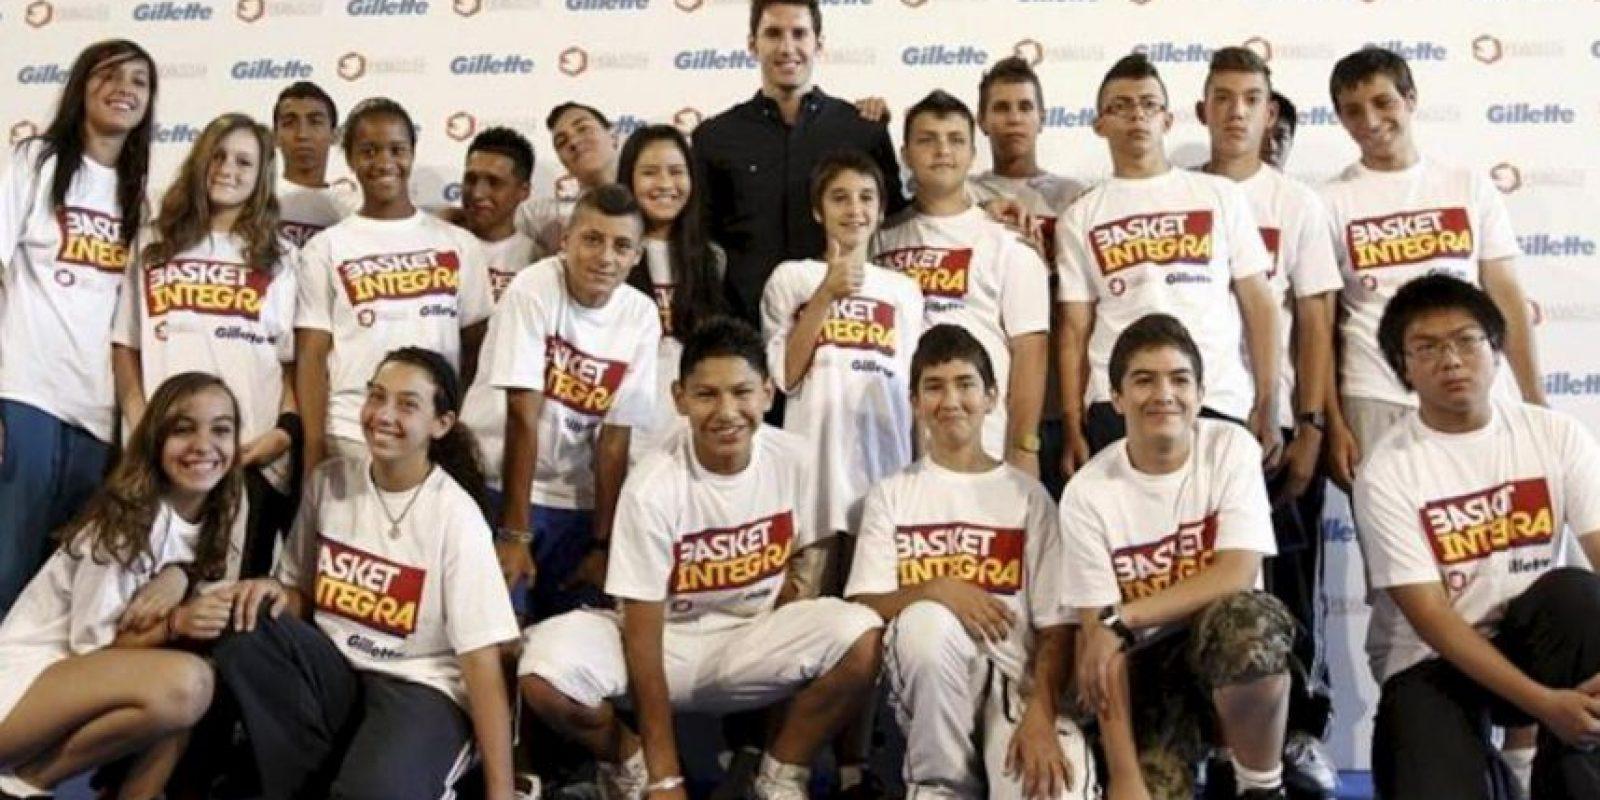 Rudy Fernández, escolta de la selección española y de los Denver Nuggets, posa hoy con un grupo de jóvenes en un acto publicitario dentro de una campaña en ayuda a reducir el índice de absentismo escolar a través del baloncesto. EFE